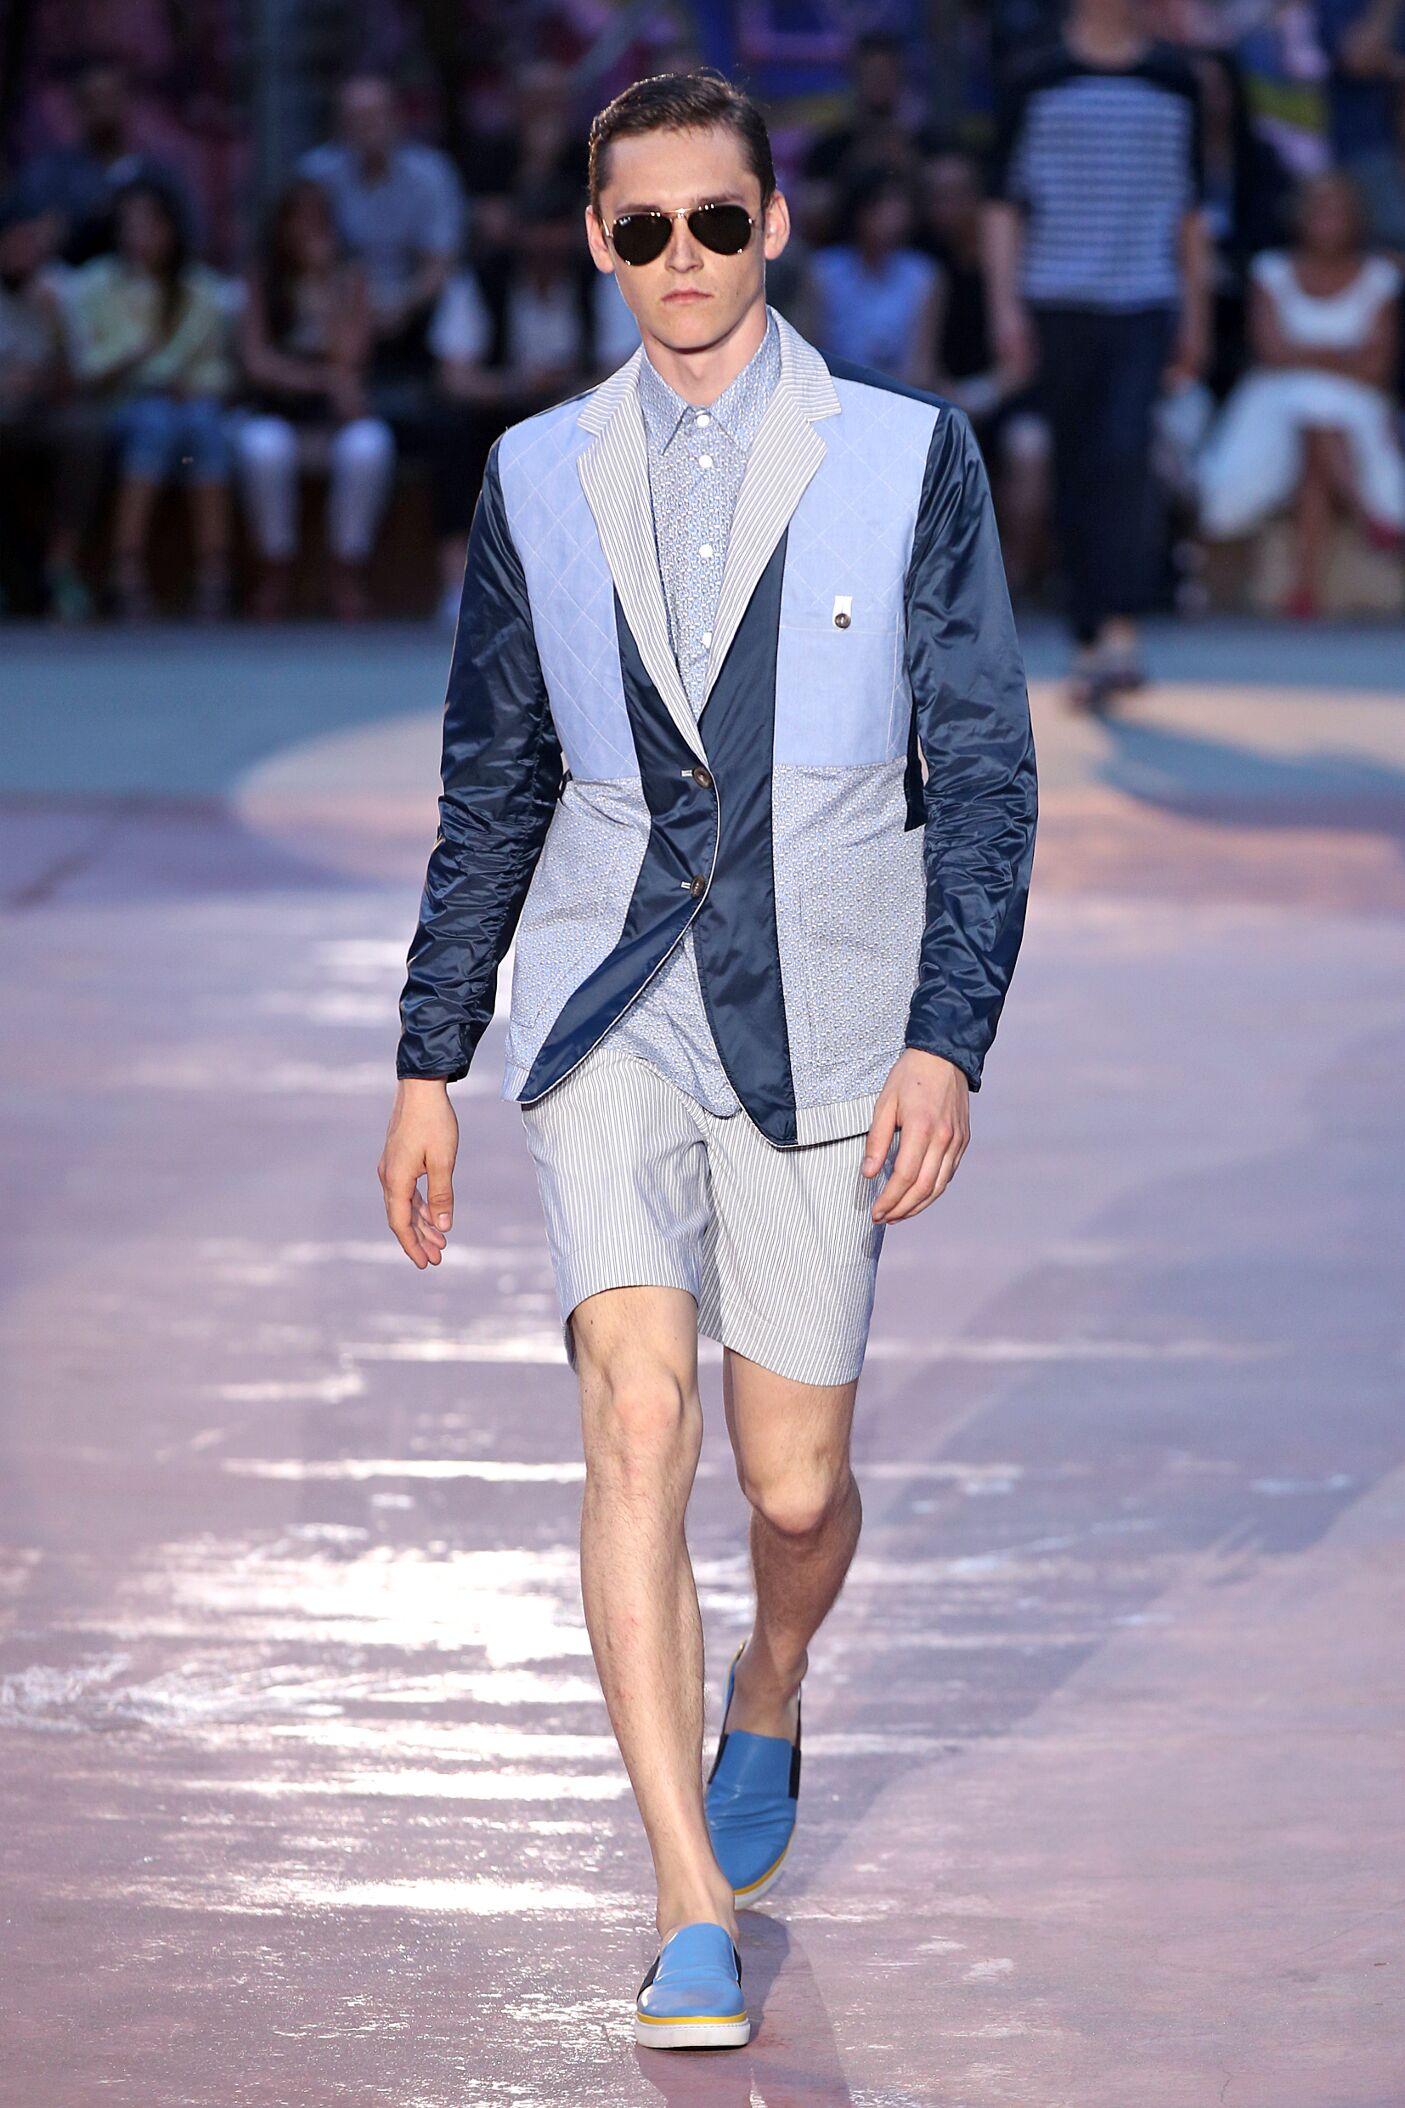 Antonio Marras Summer 2015 Catwalk